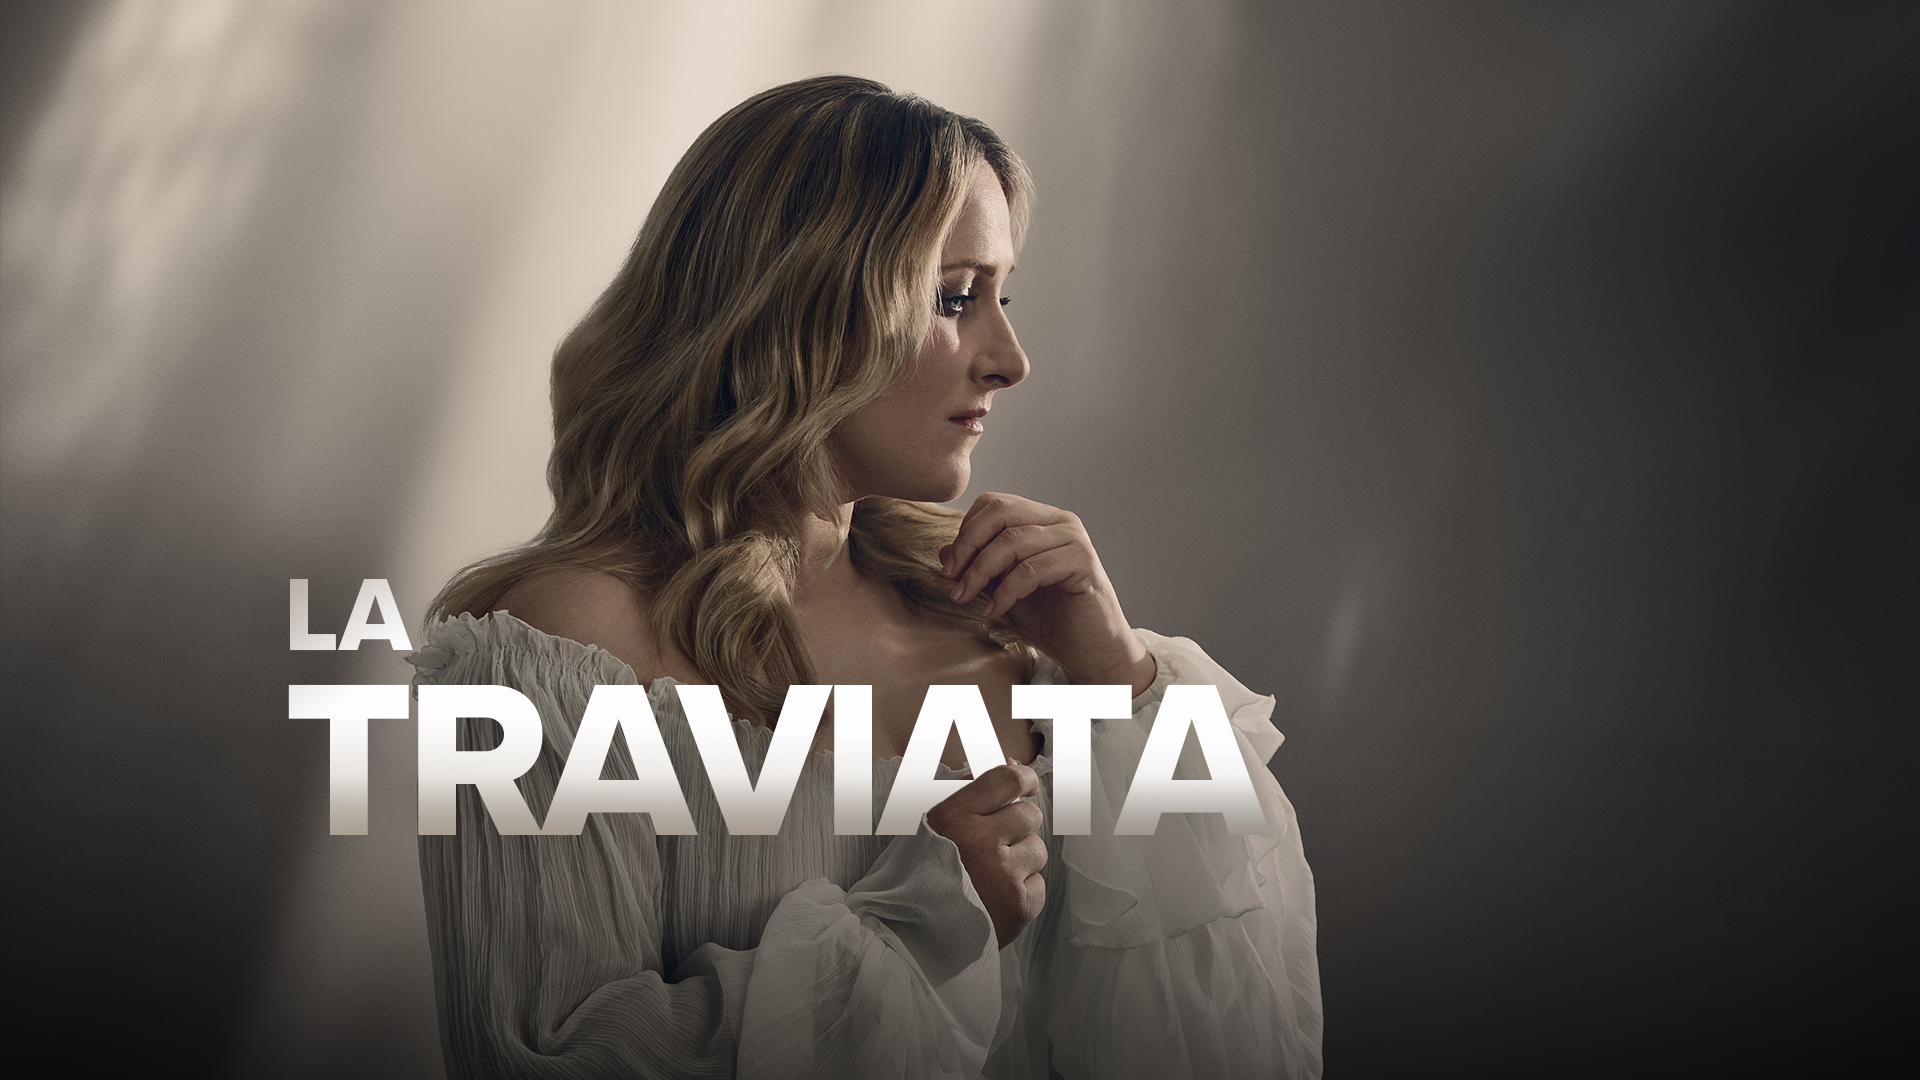 la traviata affiche